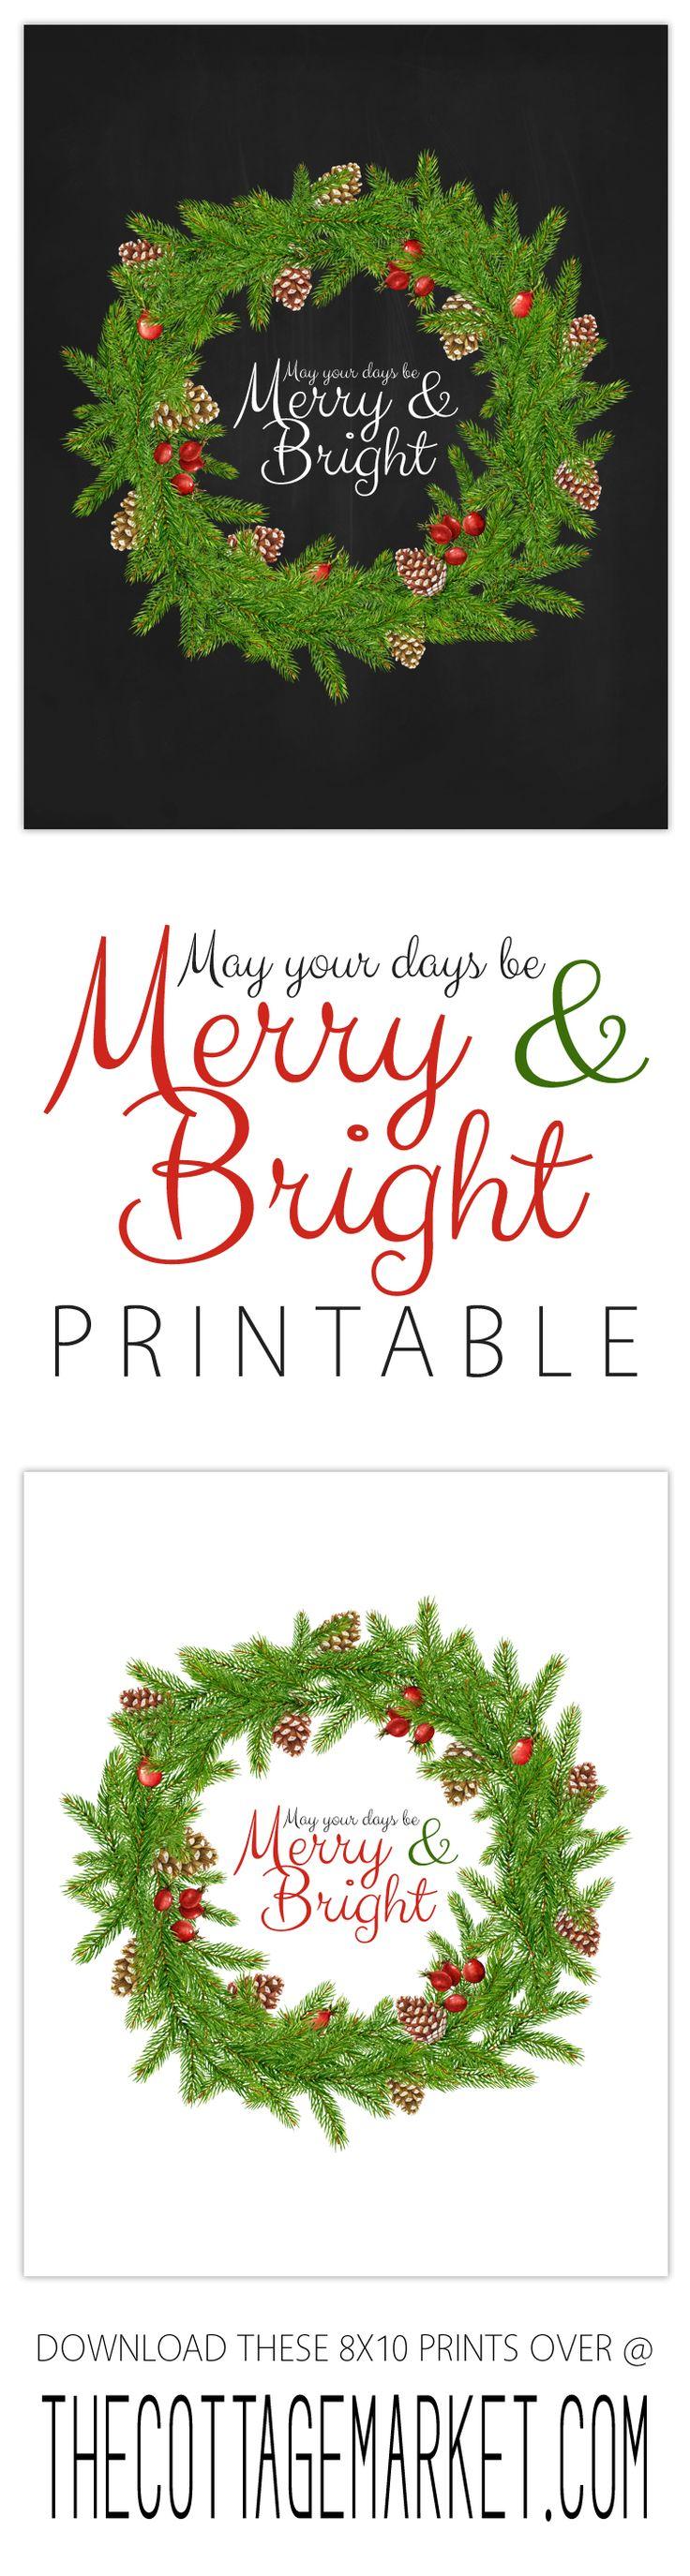 1218 best printables~templates images on pinterest | la la la, merry